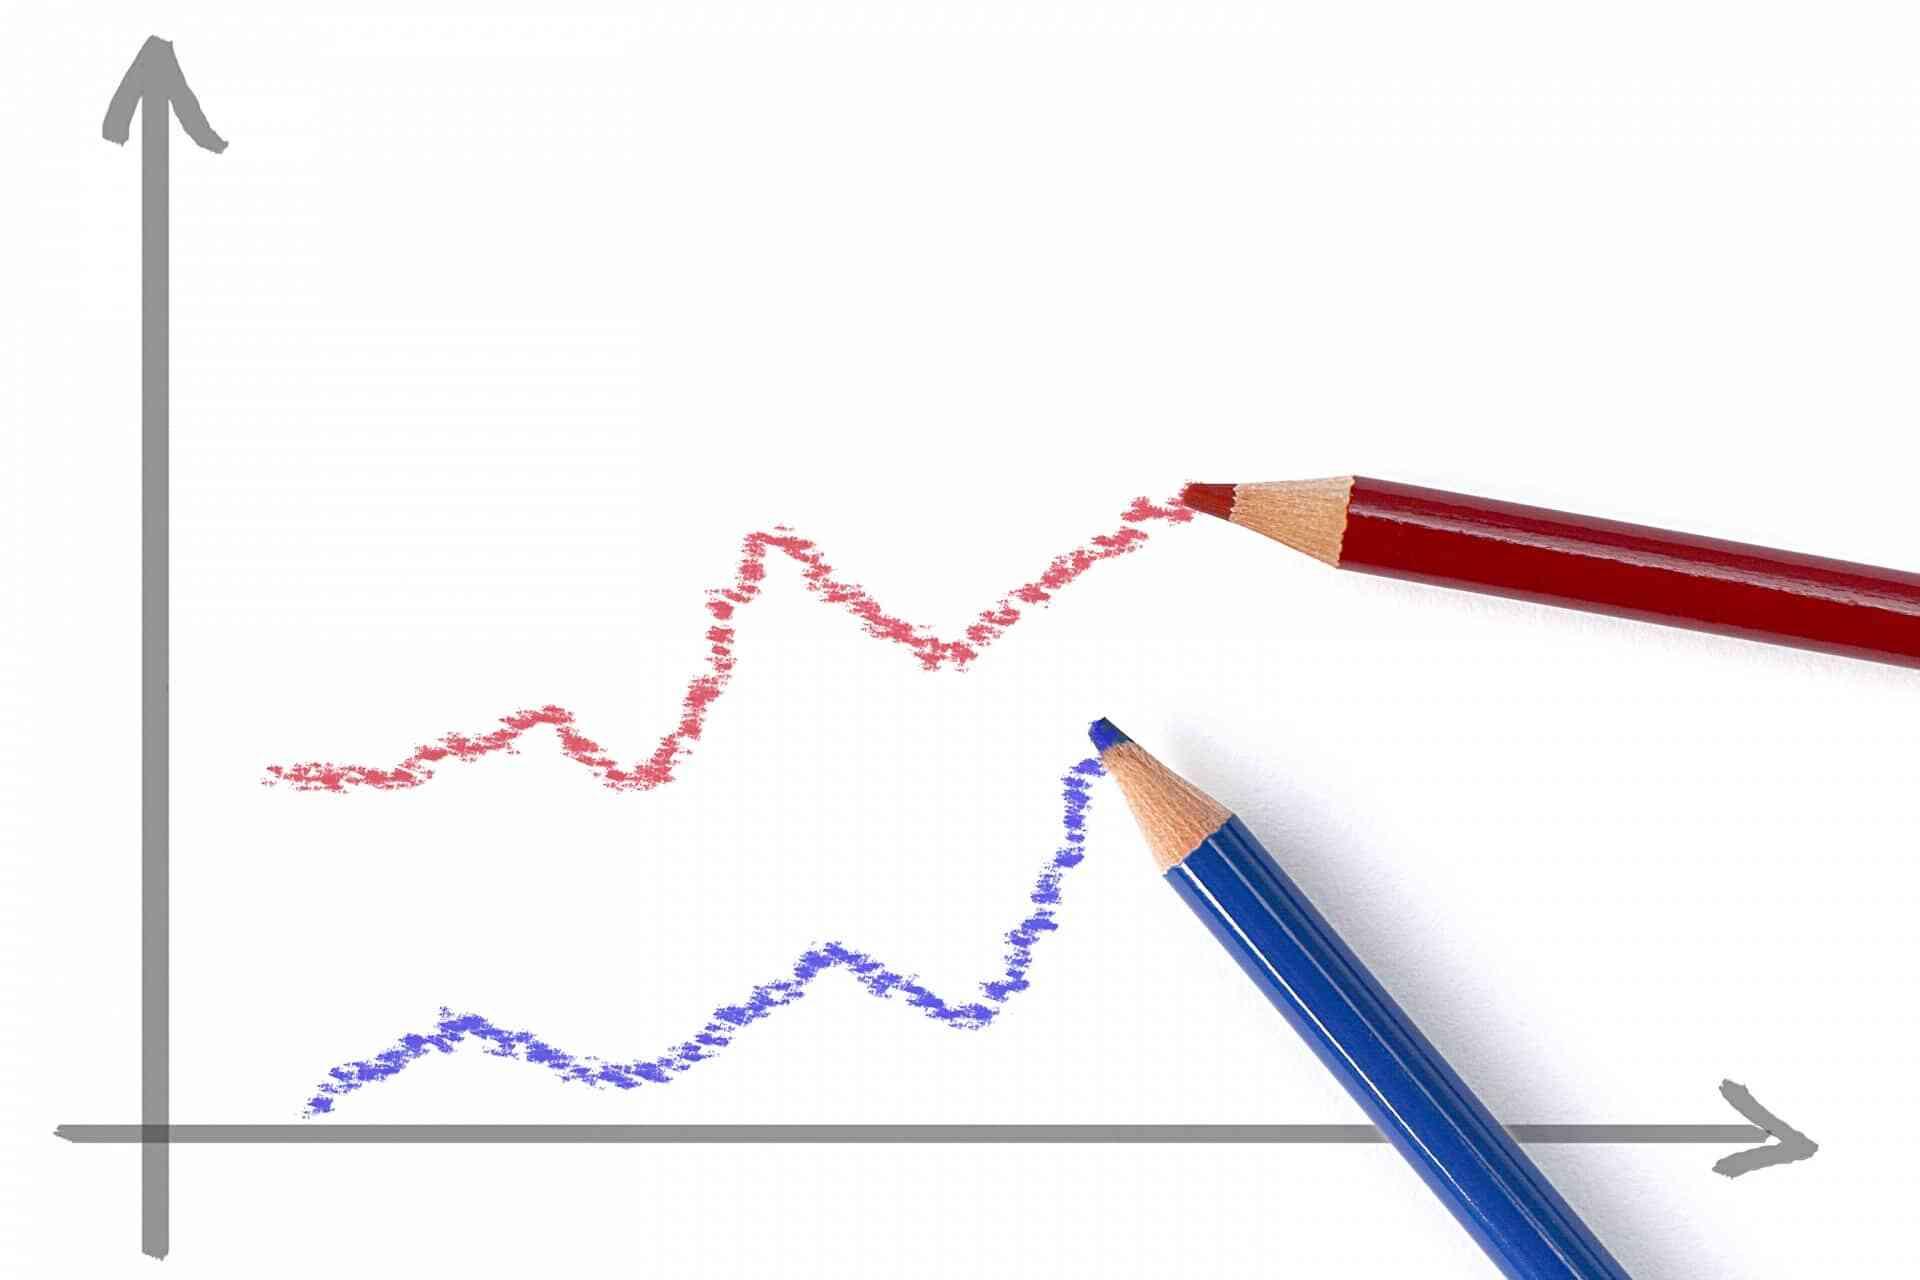 モチベーショングラフは就活の自己分析に最適!作成方法も解説